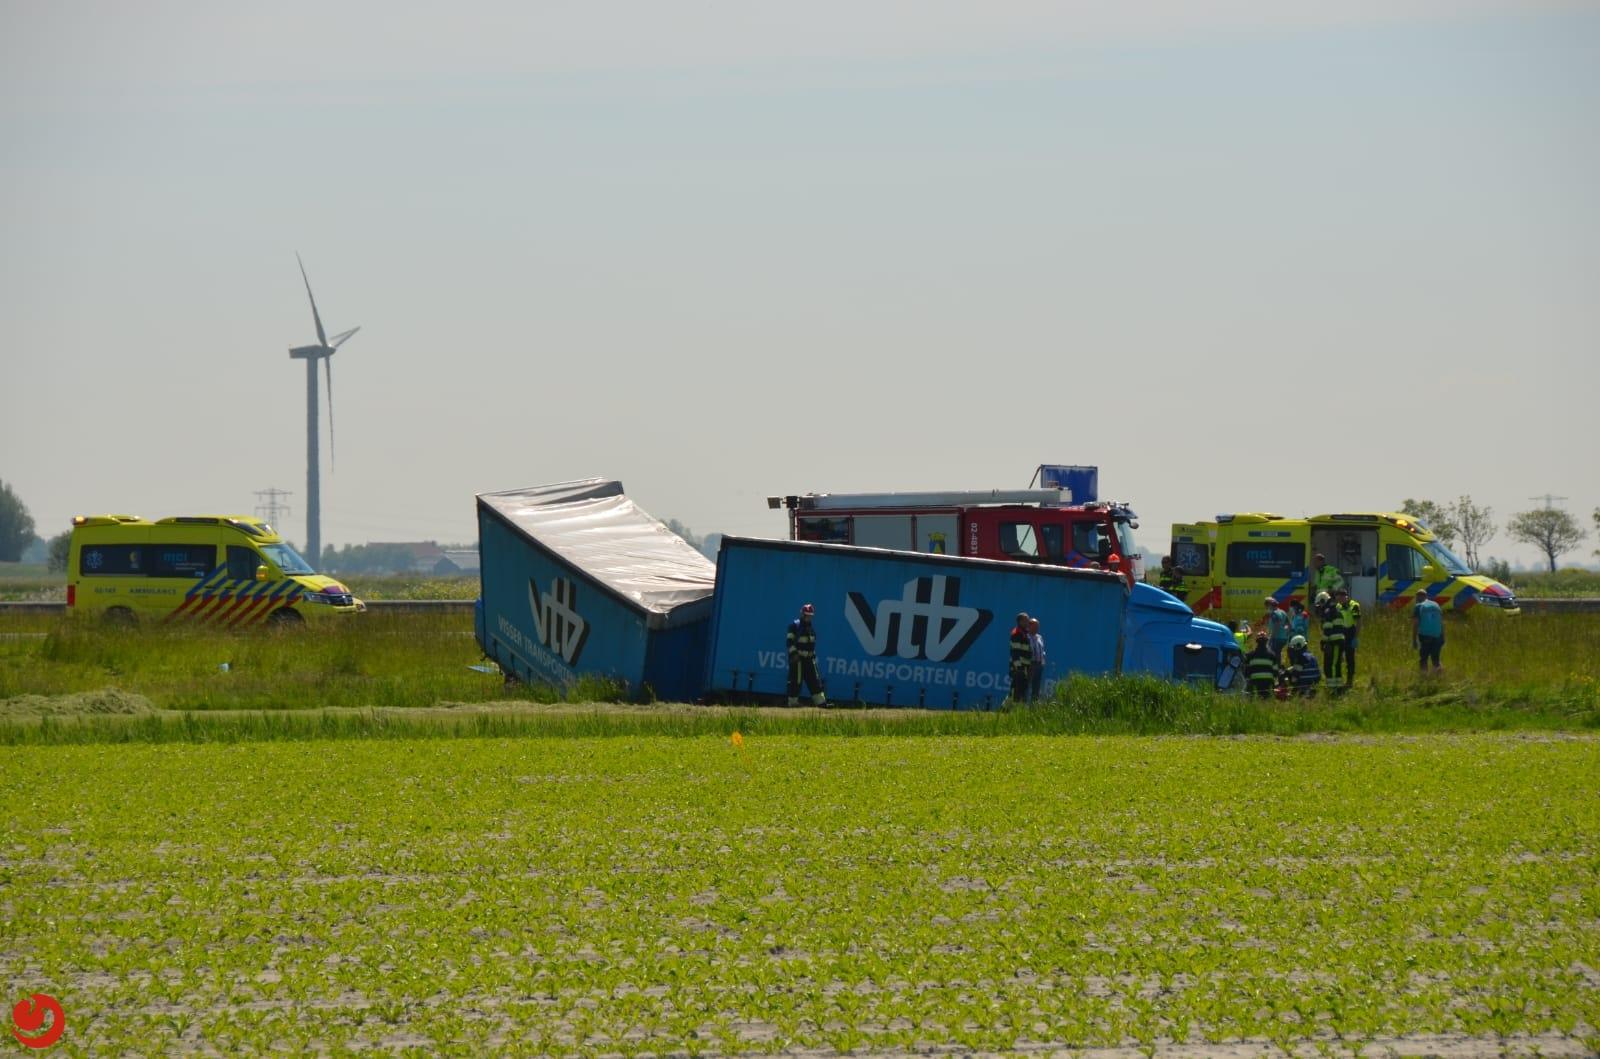 Ernstig ongeval; vrachtwagen belandt in sloot naast A31 bij Midlum.